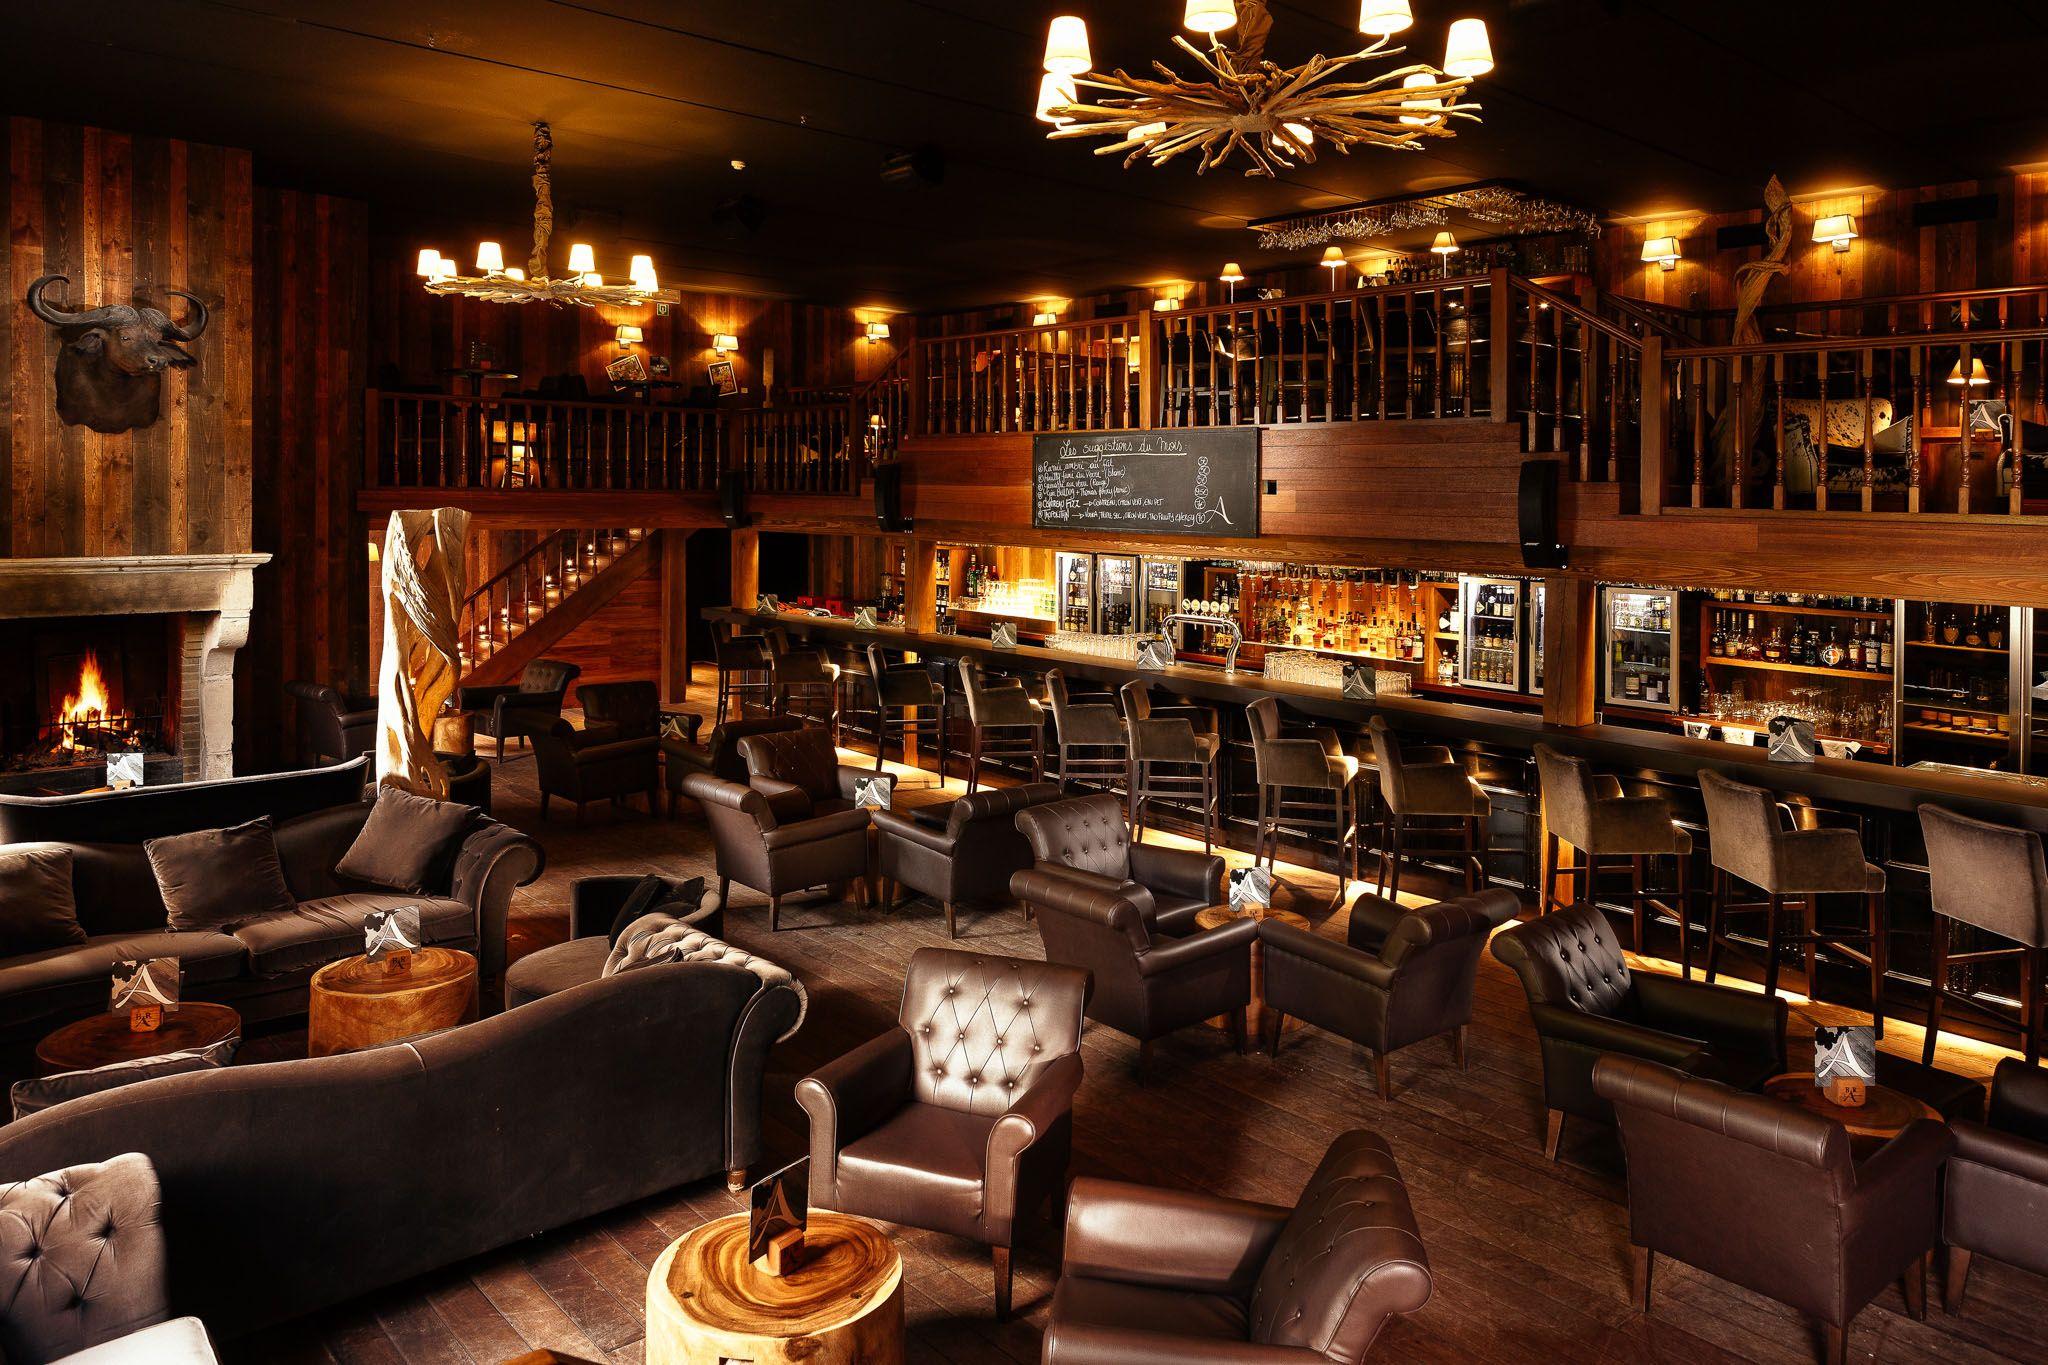 Bar Waterloo Endroit Sympa Chaleureux Design Interieur Restaurant Design Lounge Design D Interieur Du Bar